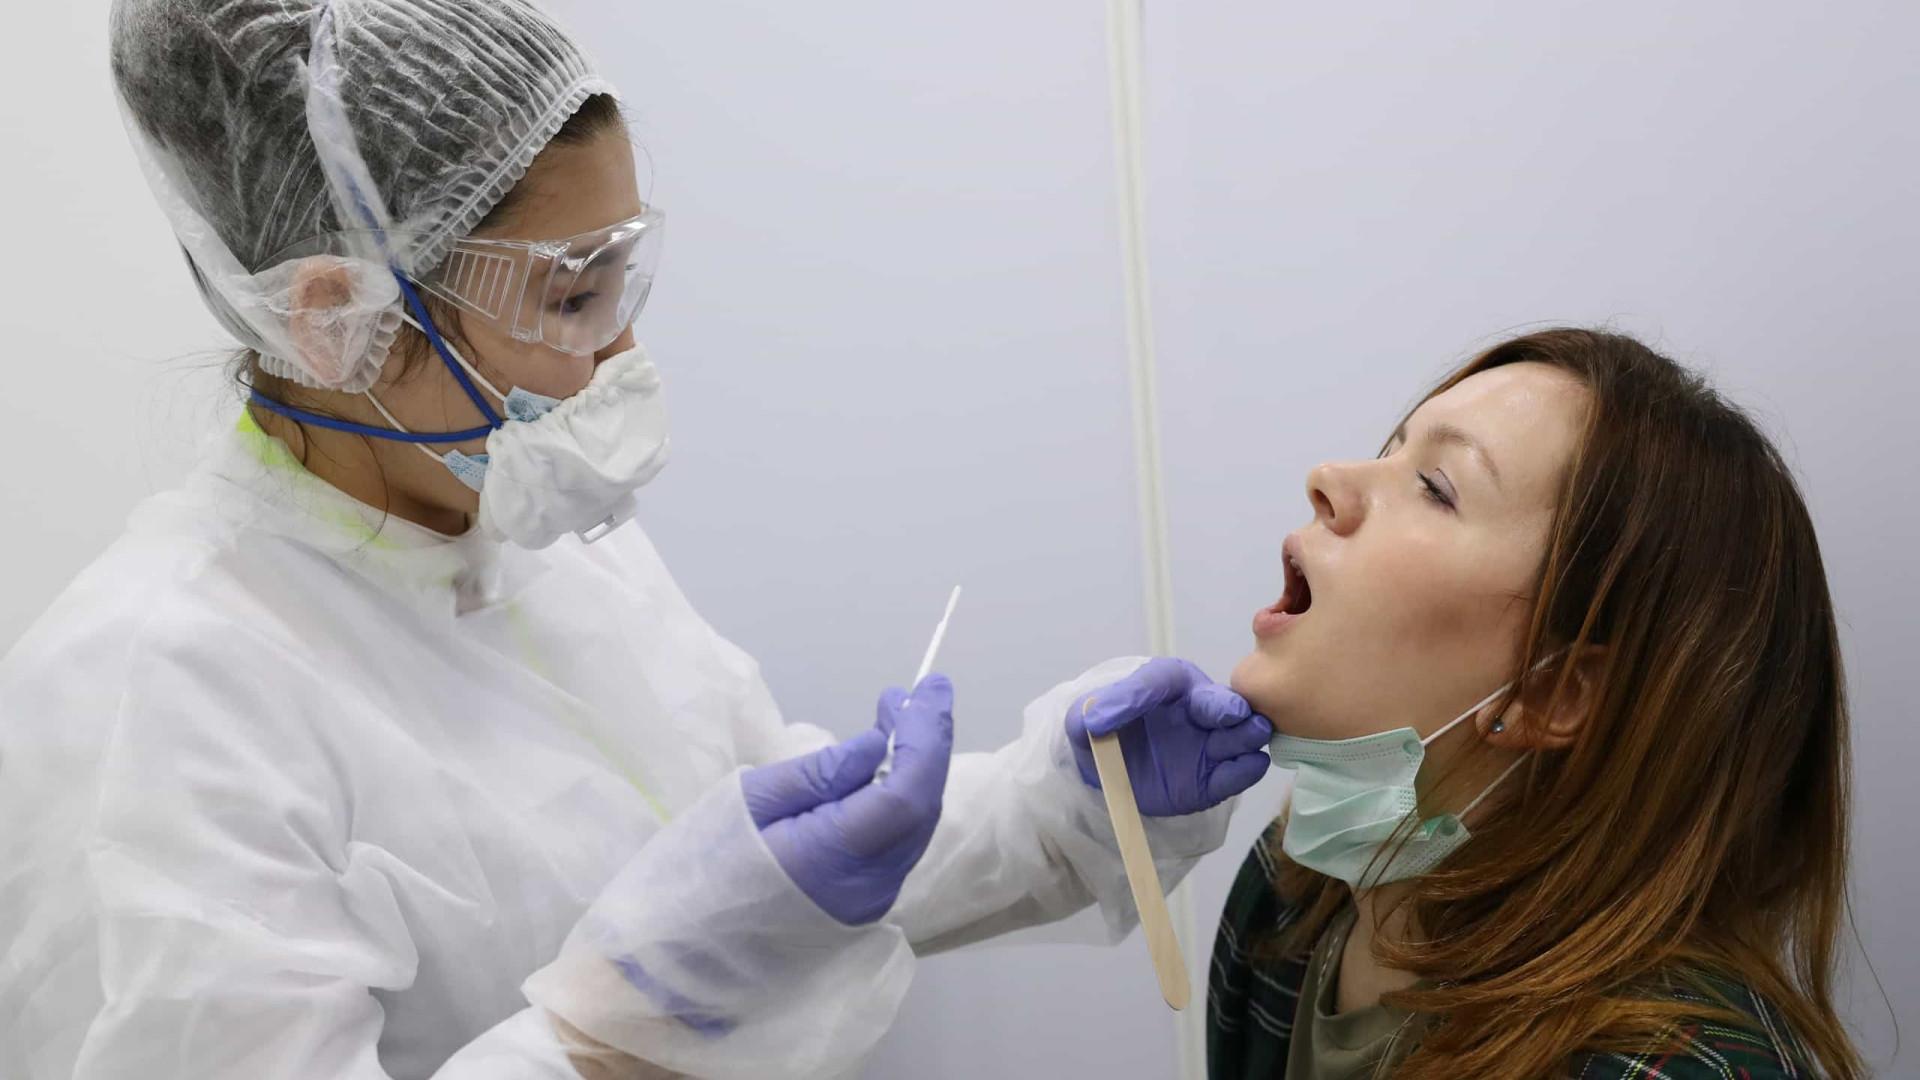 Estudo: imunidade à covid-19 pode ser maior do que apontam testes